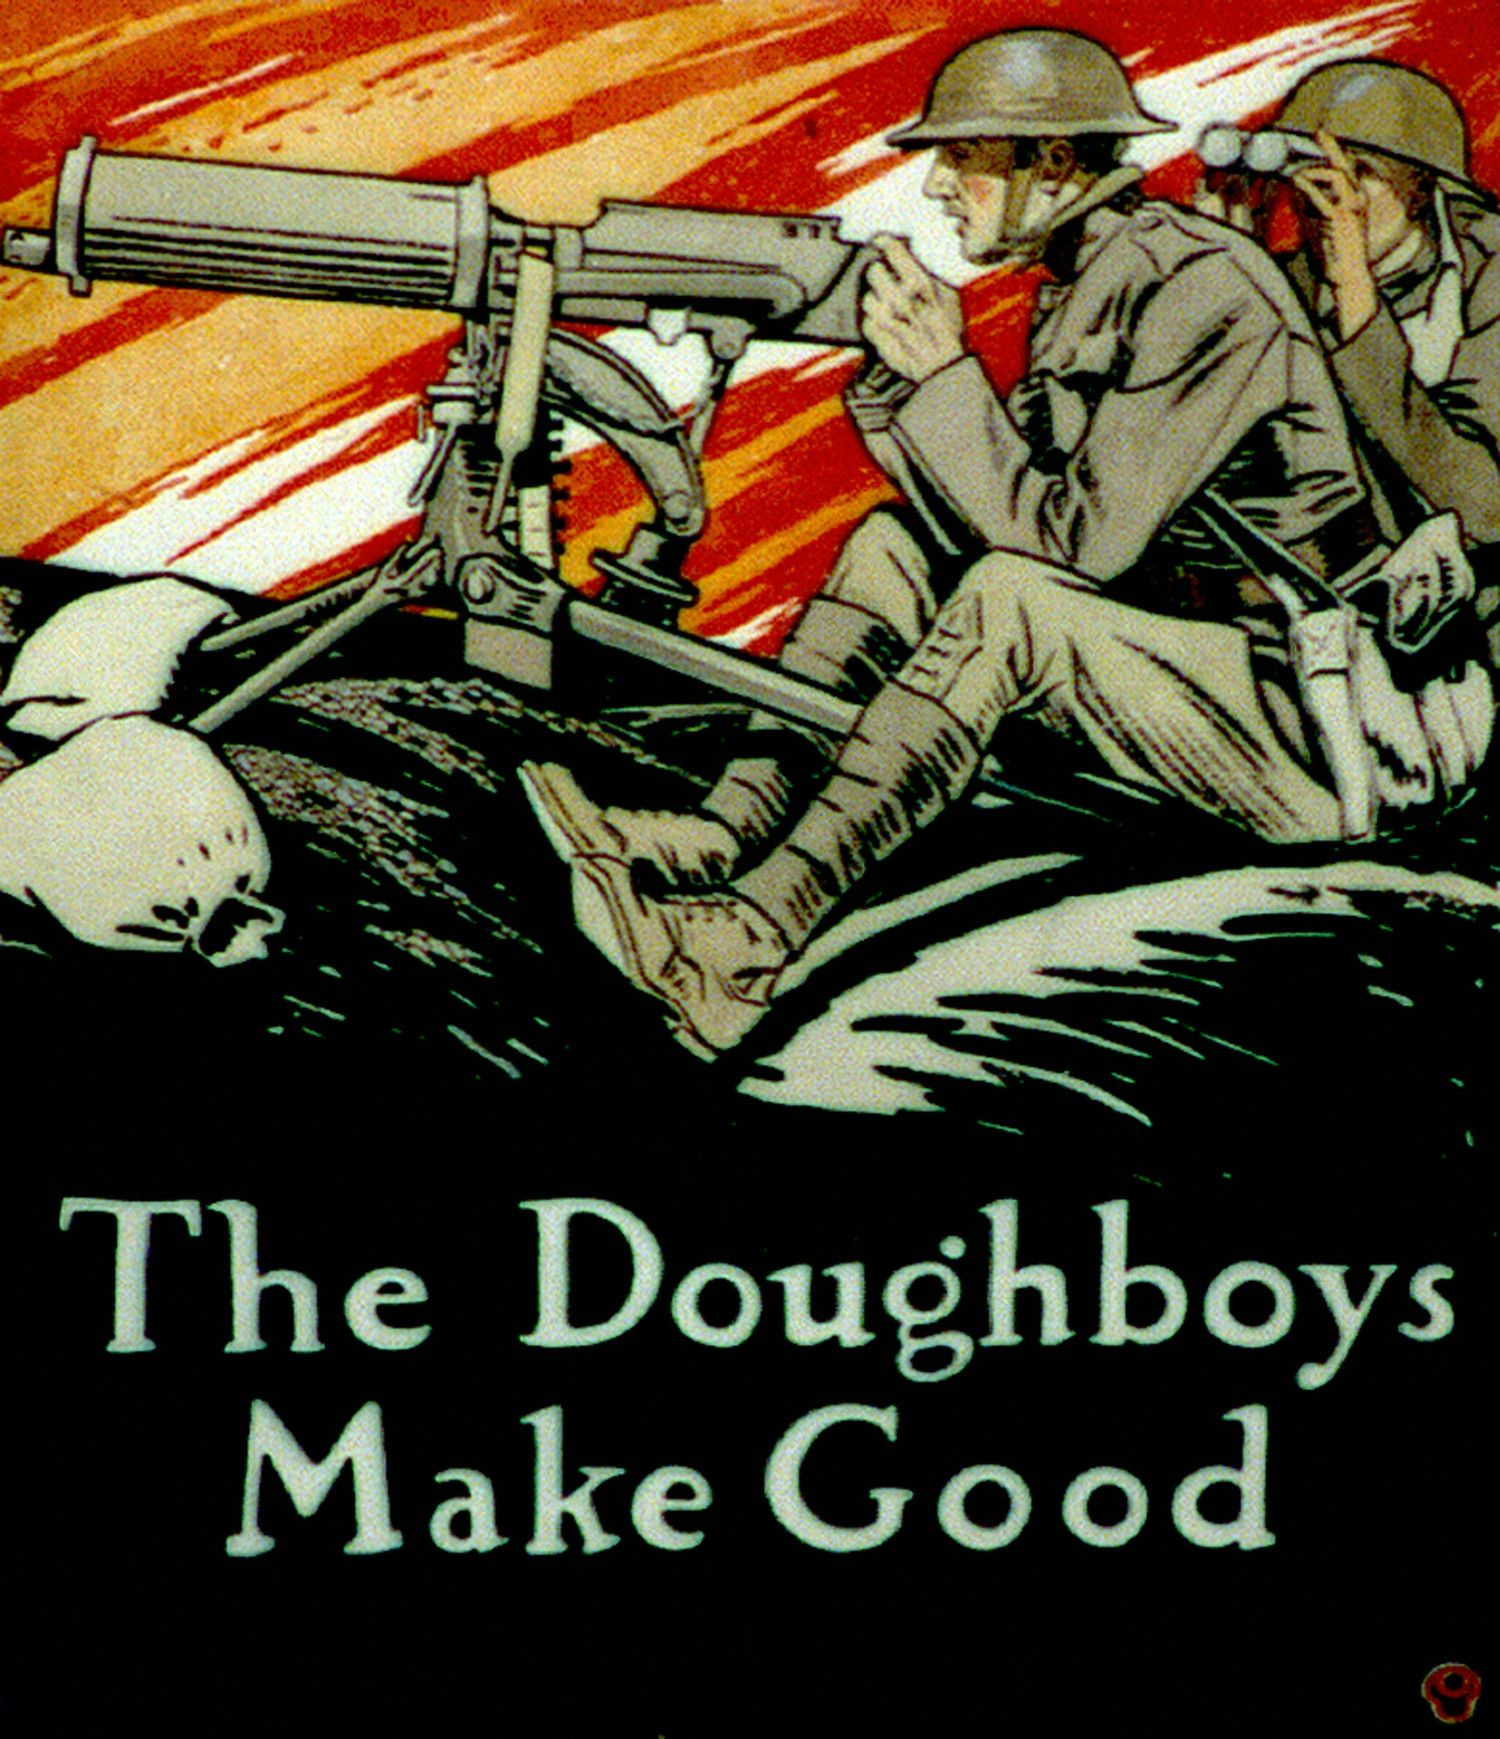 第1次世界大戦時のアメリカ兵を描いたポスター ©getty